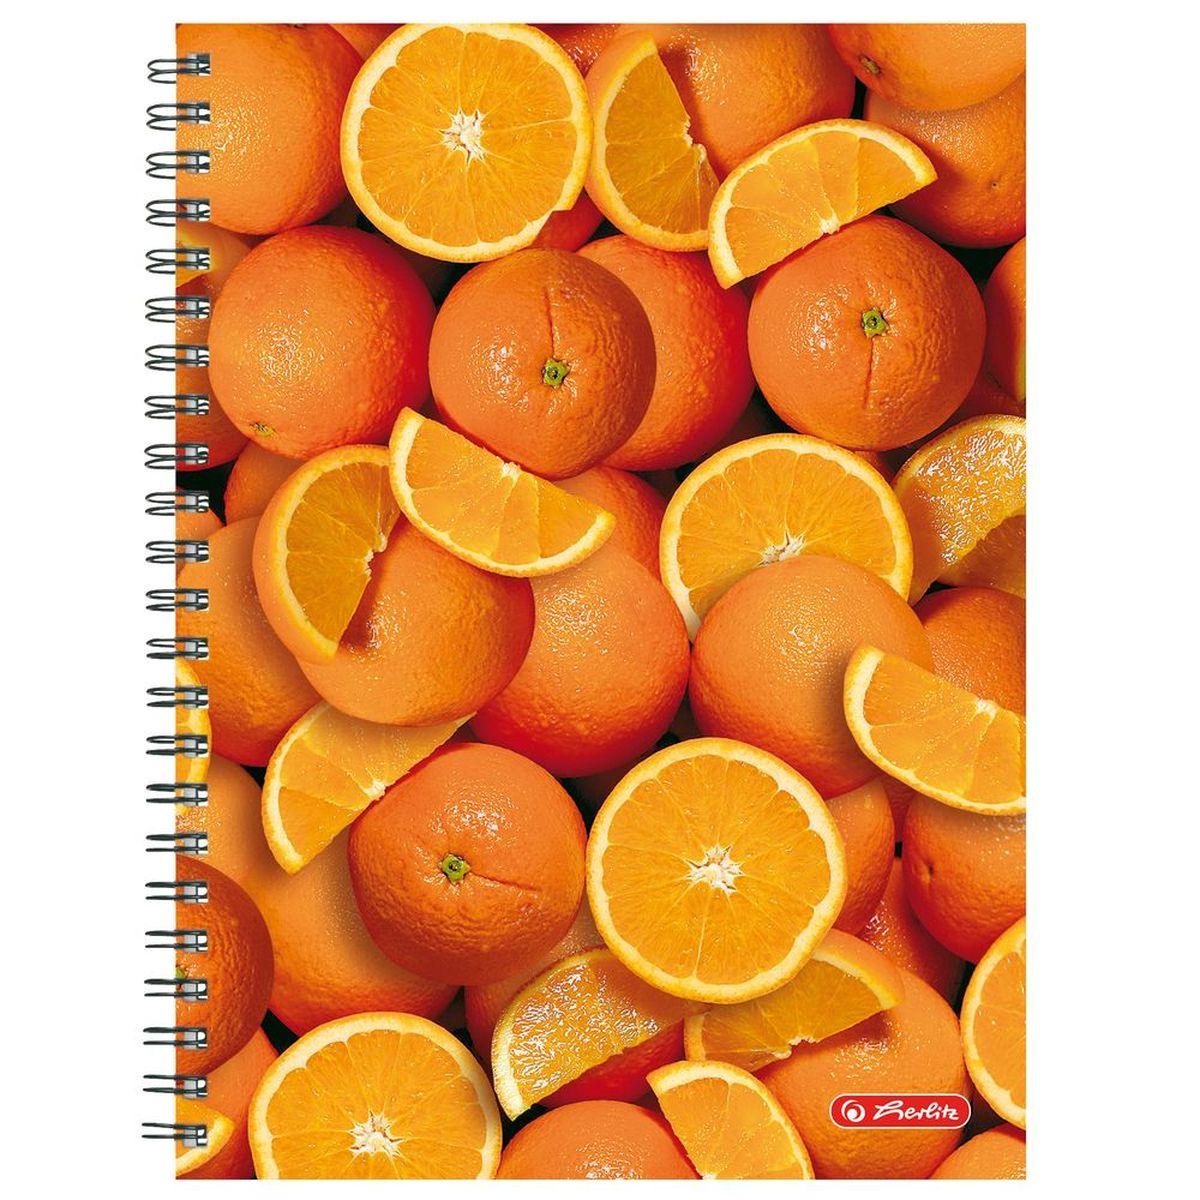 Herlitz Тетрадь Апельсины 70 листов в клетку формат А439503Удобная тетрадь Herlitz Апельсины - незаменимый атрибут современного человека, необходимый для рабочих или школьных записей.Тетрадь содержит 70 листов формата А4 в клетку без полей со внутренней разделительной полосой. Обложка выполнена из качественного ламинированного картона с ярким фруктовым дизайном. Внутренний спиральный блок изготовлен из металла и гарантирует надежное крепление листов.Тетрадь для записей Herlitz Апельсины станет достойным аксессуаром среди ваших канцелярских принадлежностей. Это отличный подарок как коллеге или деловому партнеру, так и близким людям.